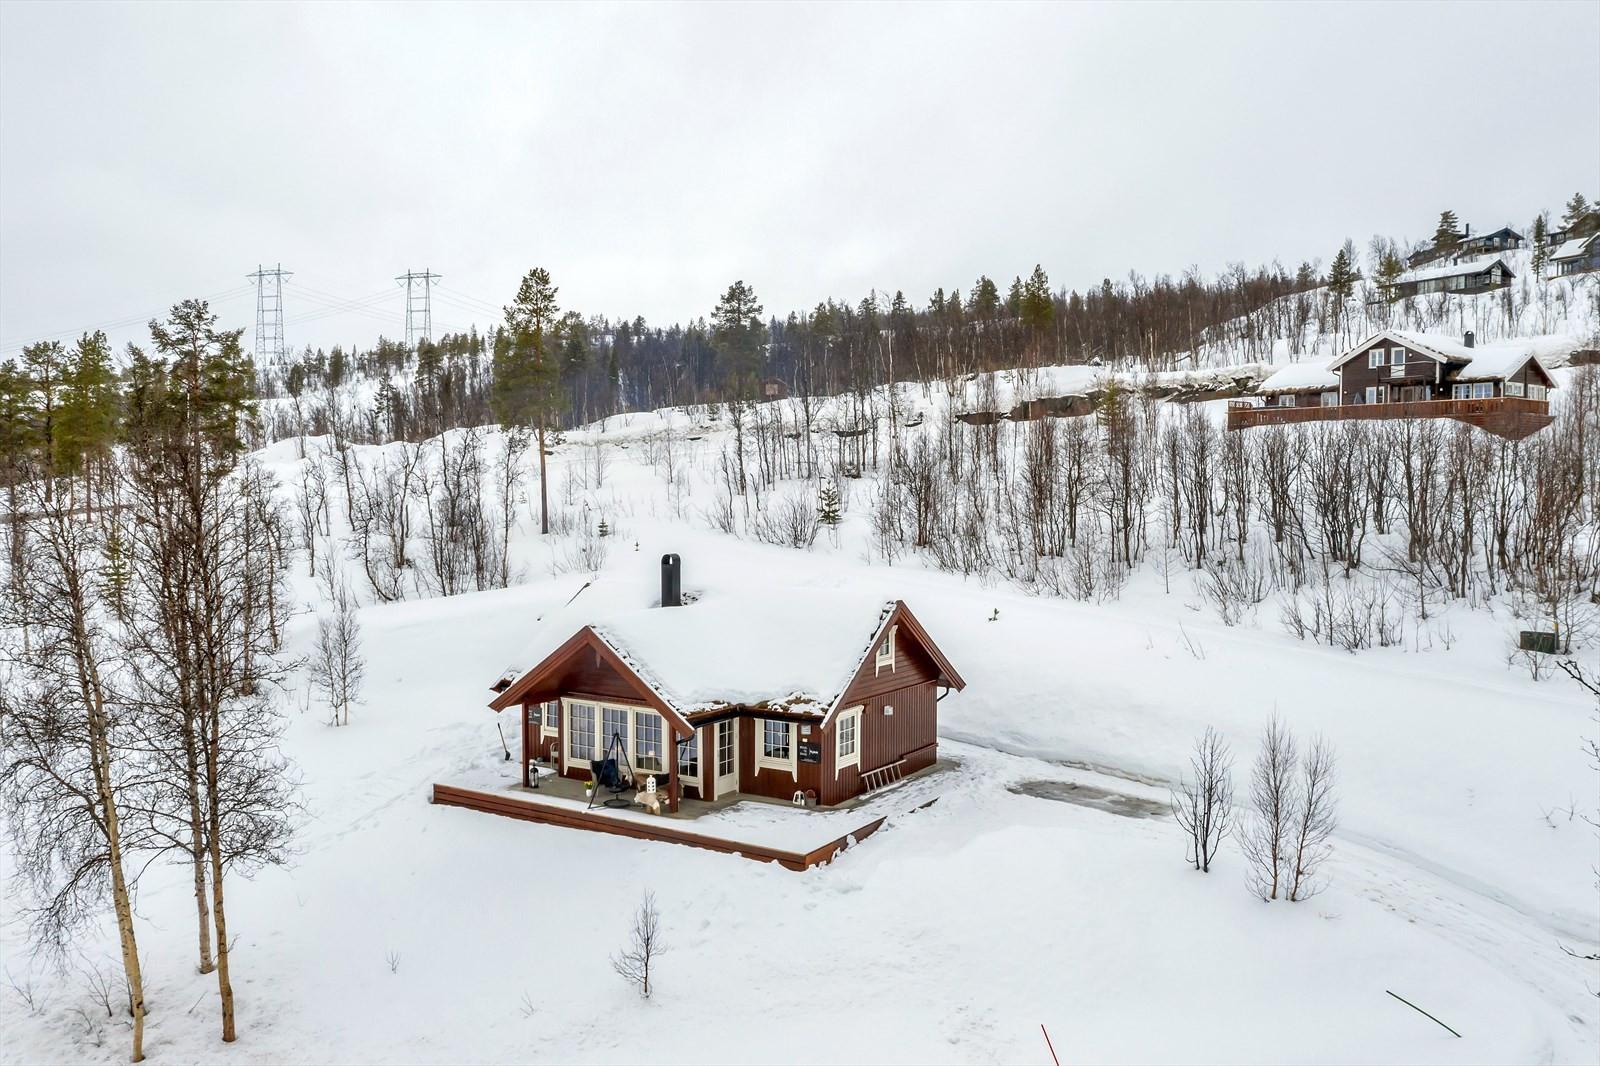 Hjem Eiendomsmegling AS v/ eiendomsmegler Robin I. Martinsen presenterer Tyttebærveien 1!